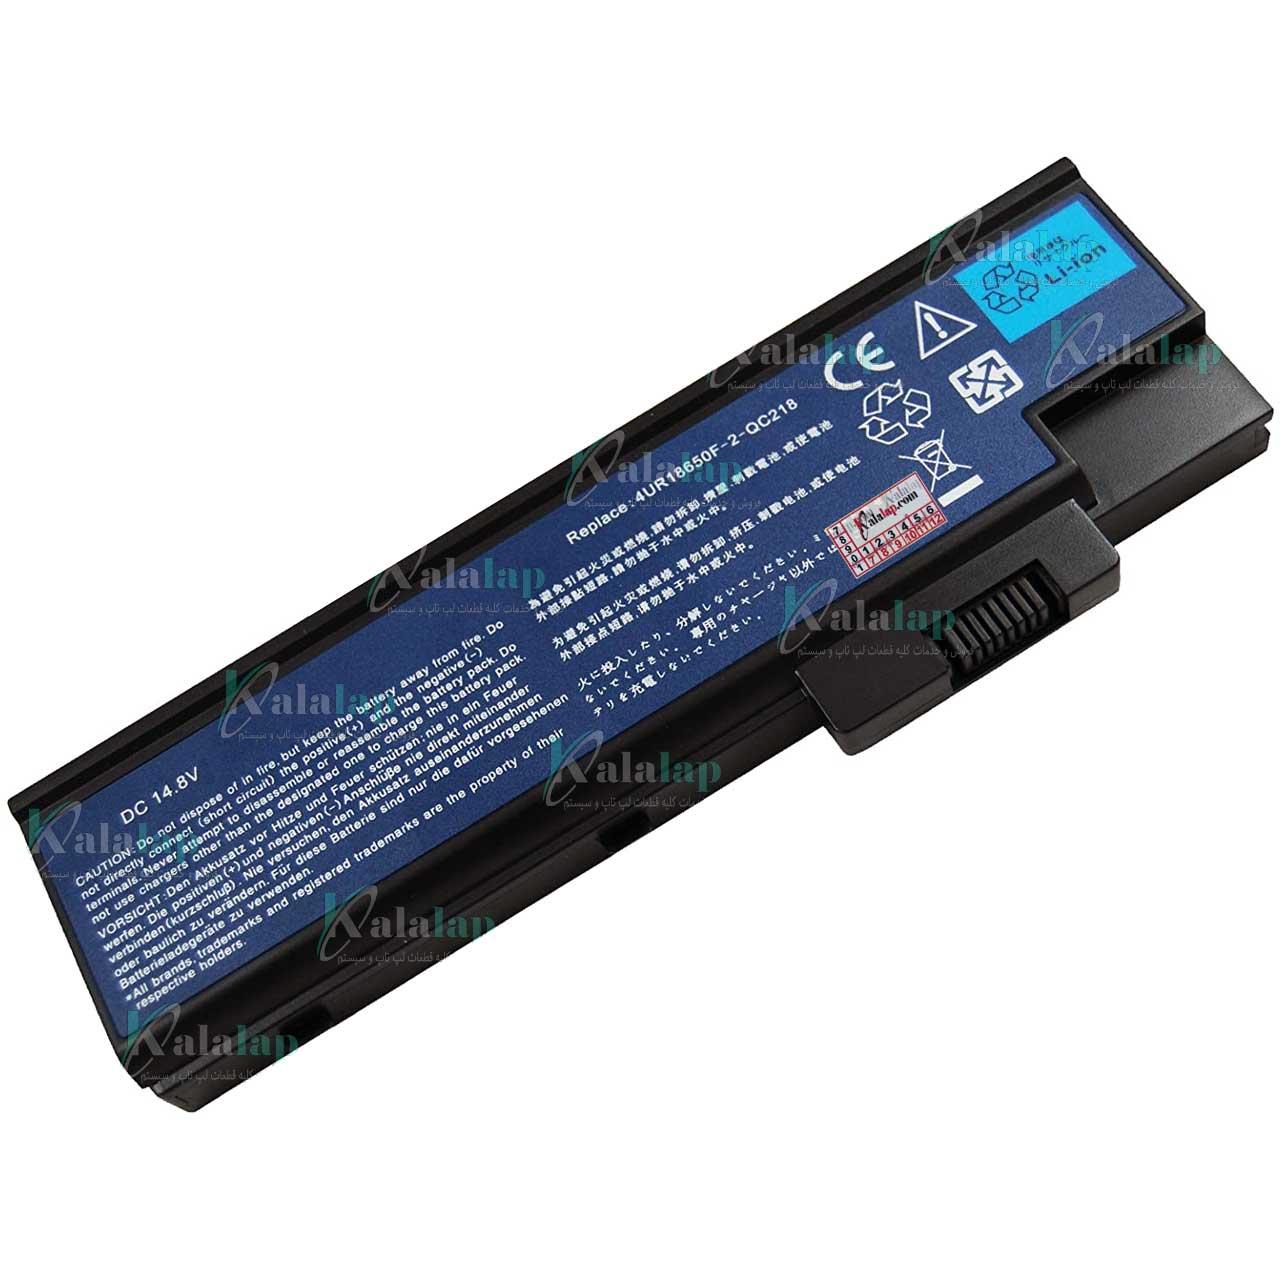 باتری لپ تاپ ایسر Aspire 7000 SQU-525 9300